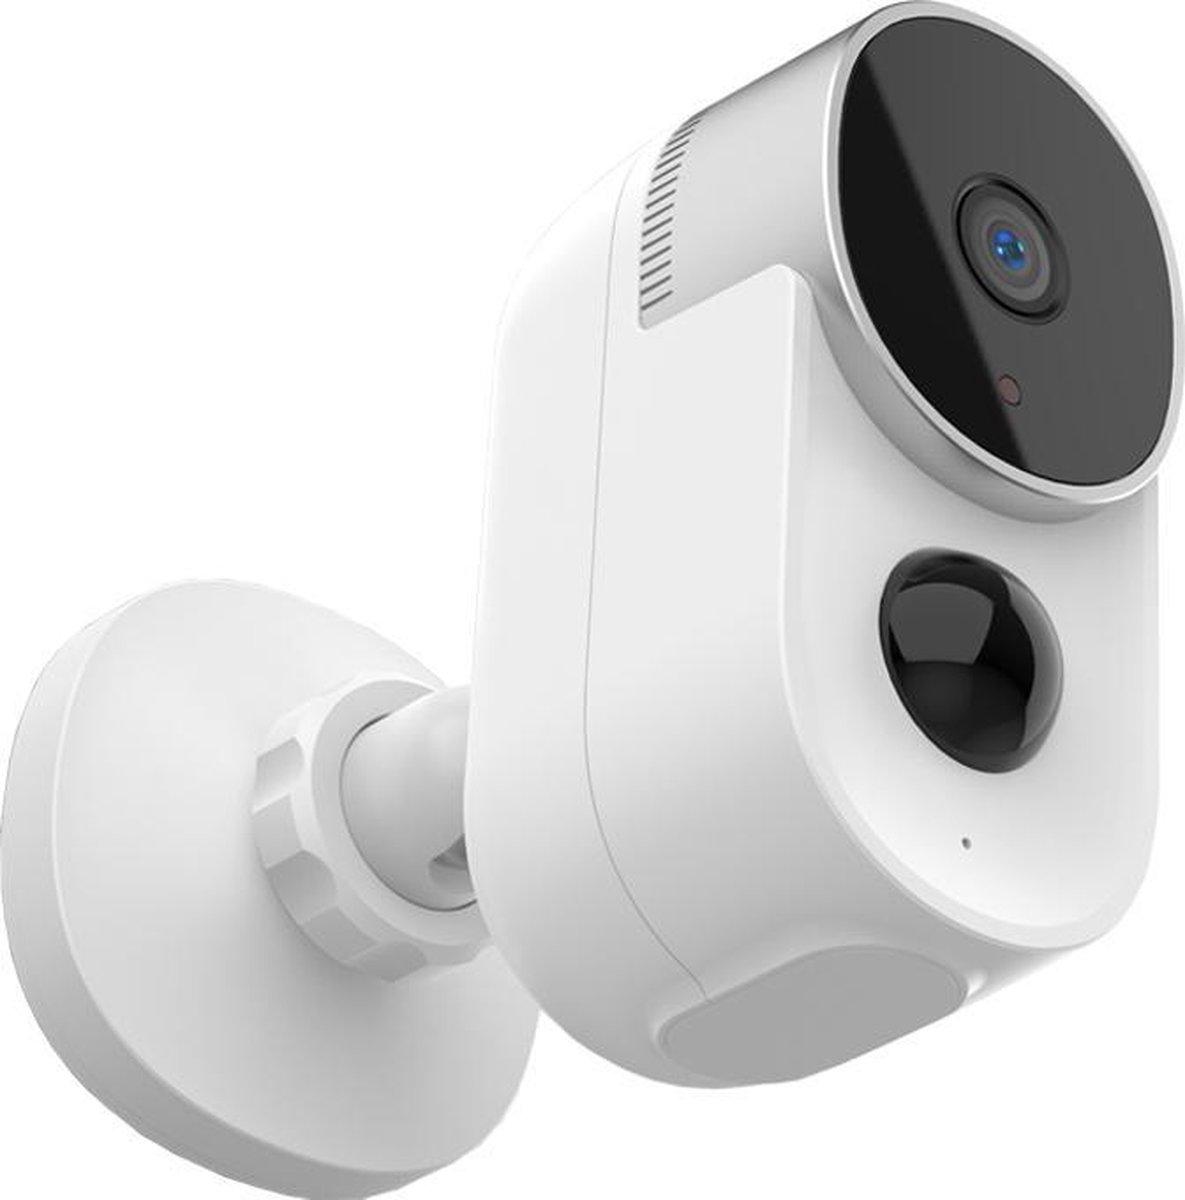 Mastersøn - Draadloze Beveiligingscamera - Accu - 10000mAh - Gratis App - Tuya - Alexa & Google - Waterdicht - IP Camera - Voor Binnen en Buiten - Wifi - Nachtzicht -